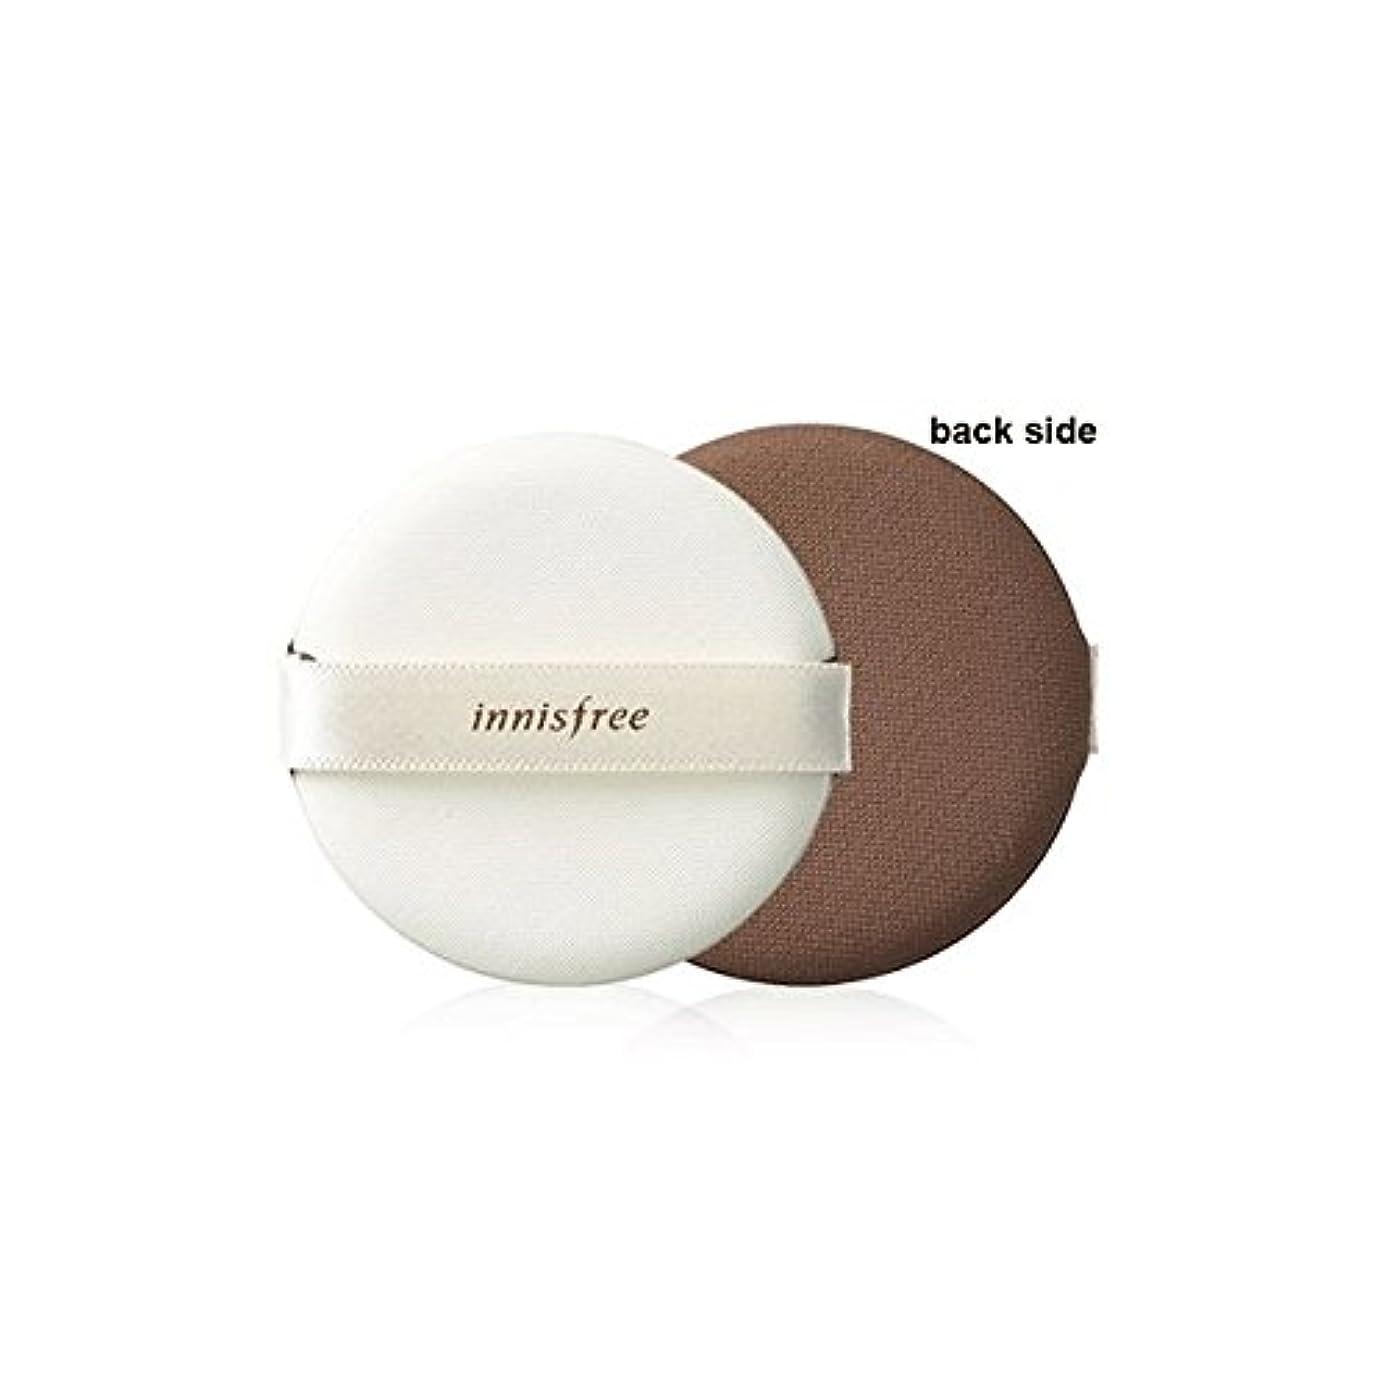 不注意義務付けられたマッシュ[イニスプリー] Innisfree エアマジックパフ-密着 [Innisfree] Eco Beauty Tool Air Magic Puff-Fitting [海外直送品]